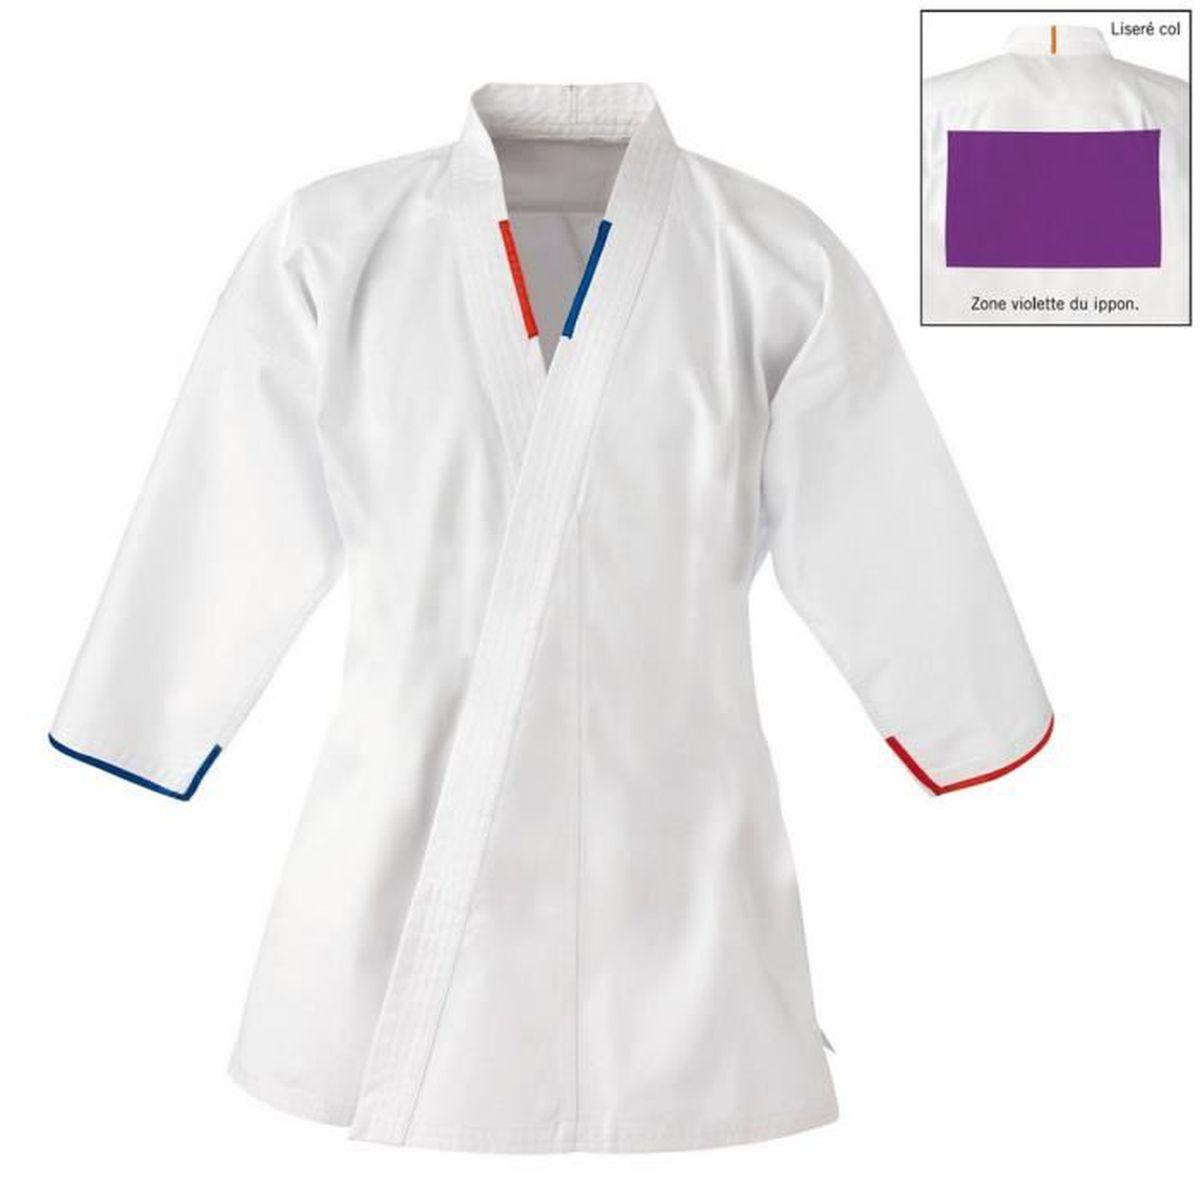 Veste de judo 100% coton Taille : 160 cm